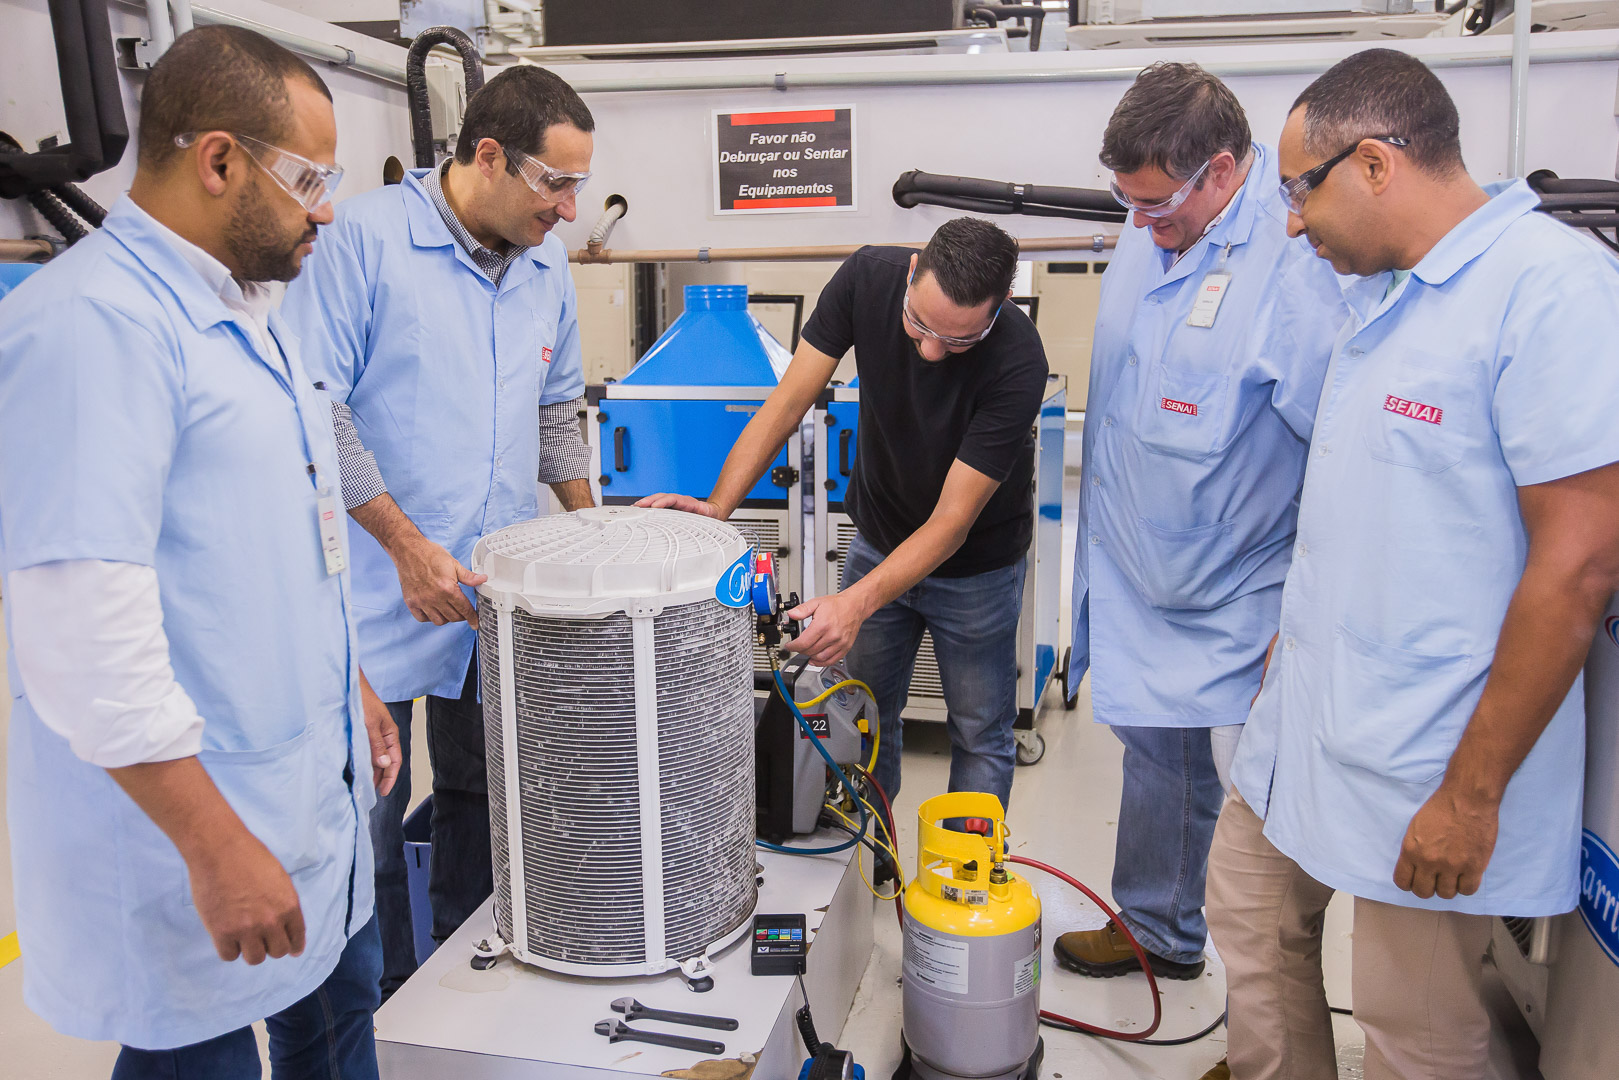 Capacitação de professores para Cursos de Boas Práticas em Sistemas de Ar Condicionado começa no SENAI-SP